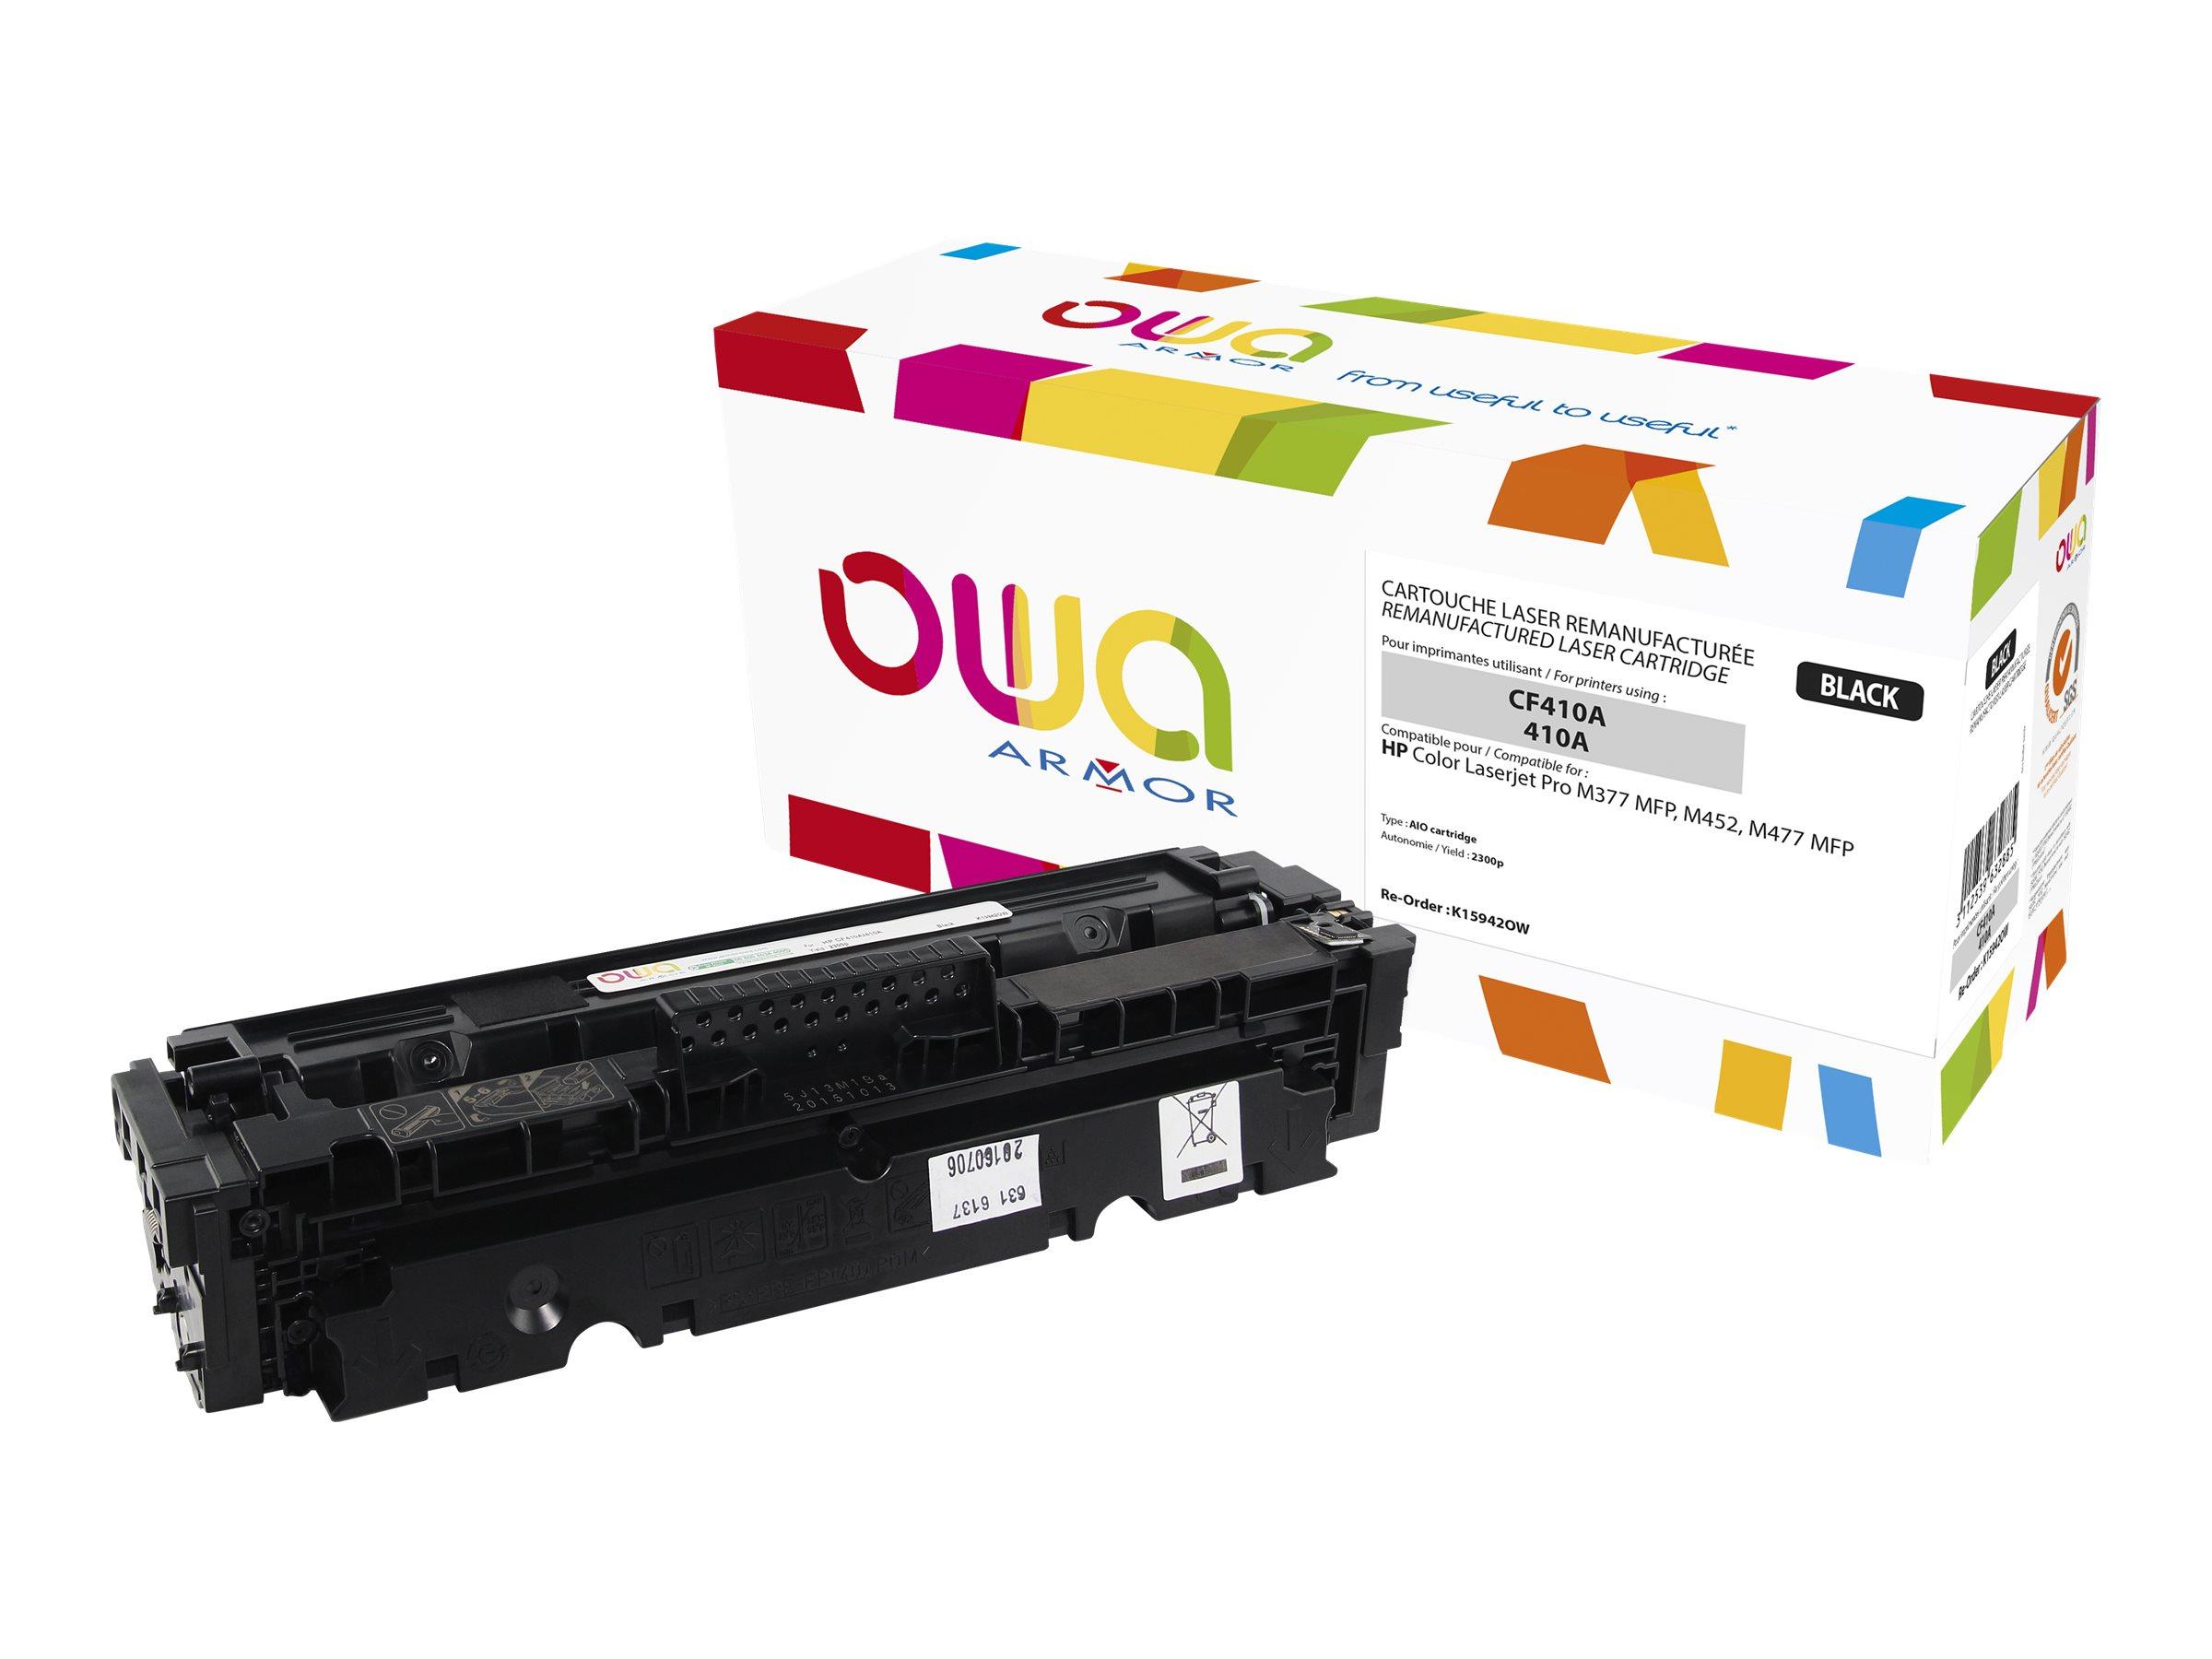 Owa K15942OW cartouche équivalente HP 410A - noir